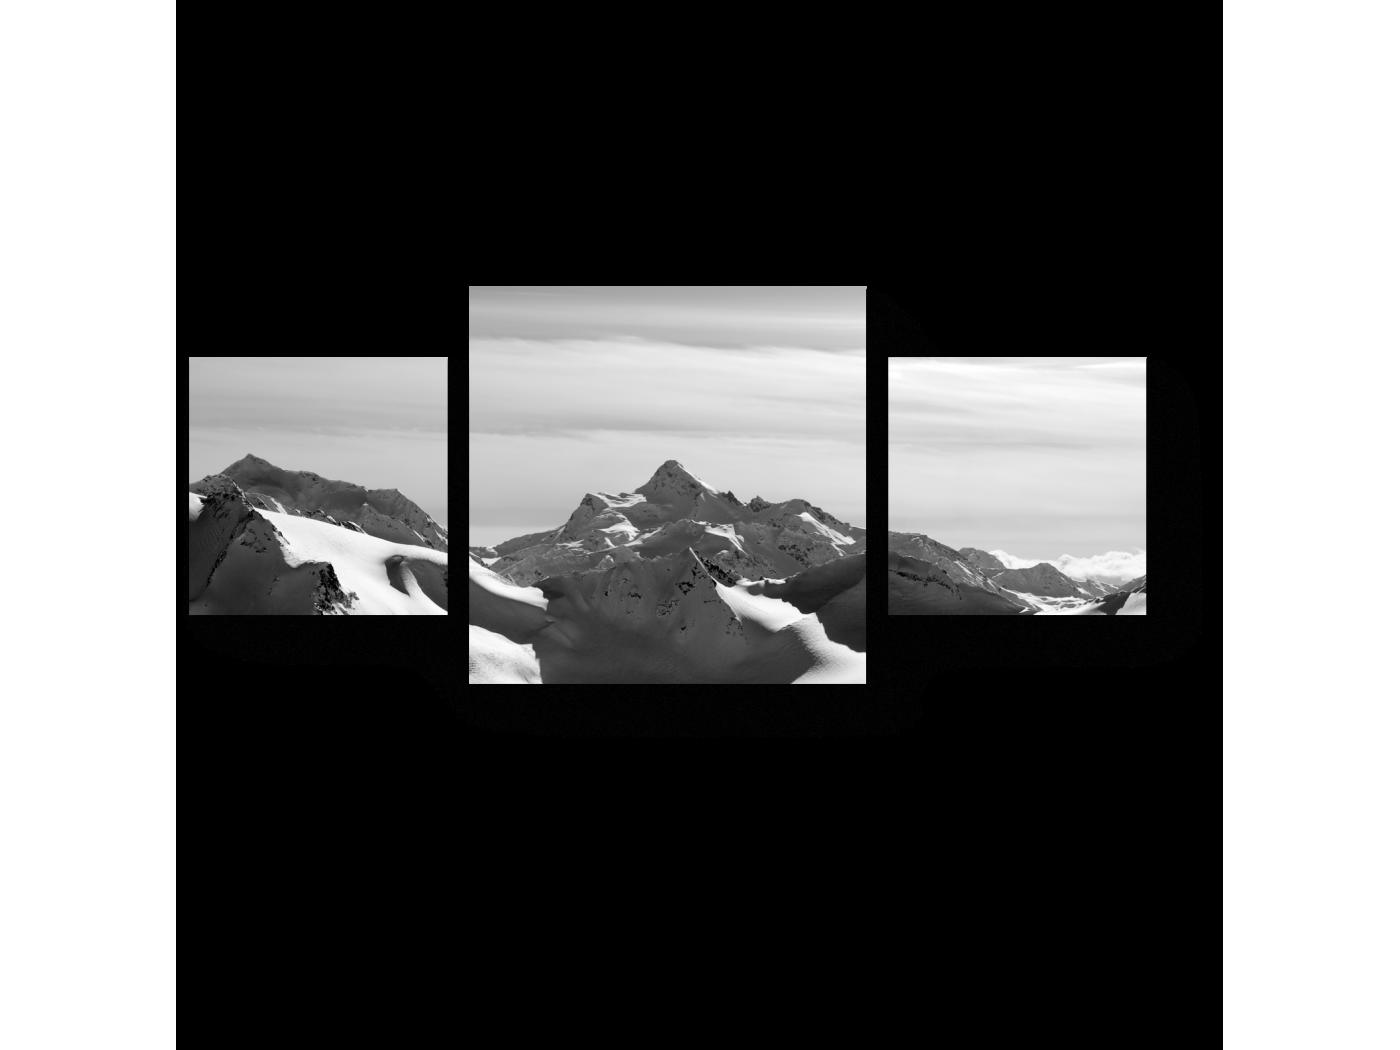 Модульная картина Picsis, Горные вершины (60x43)